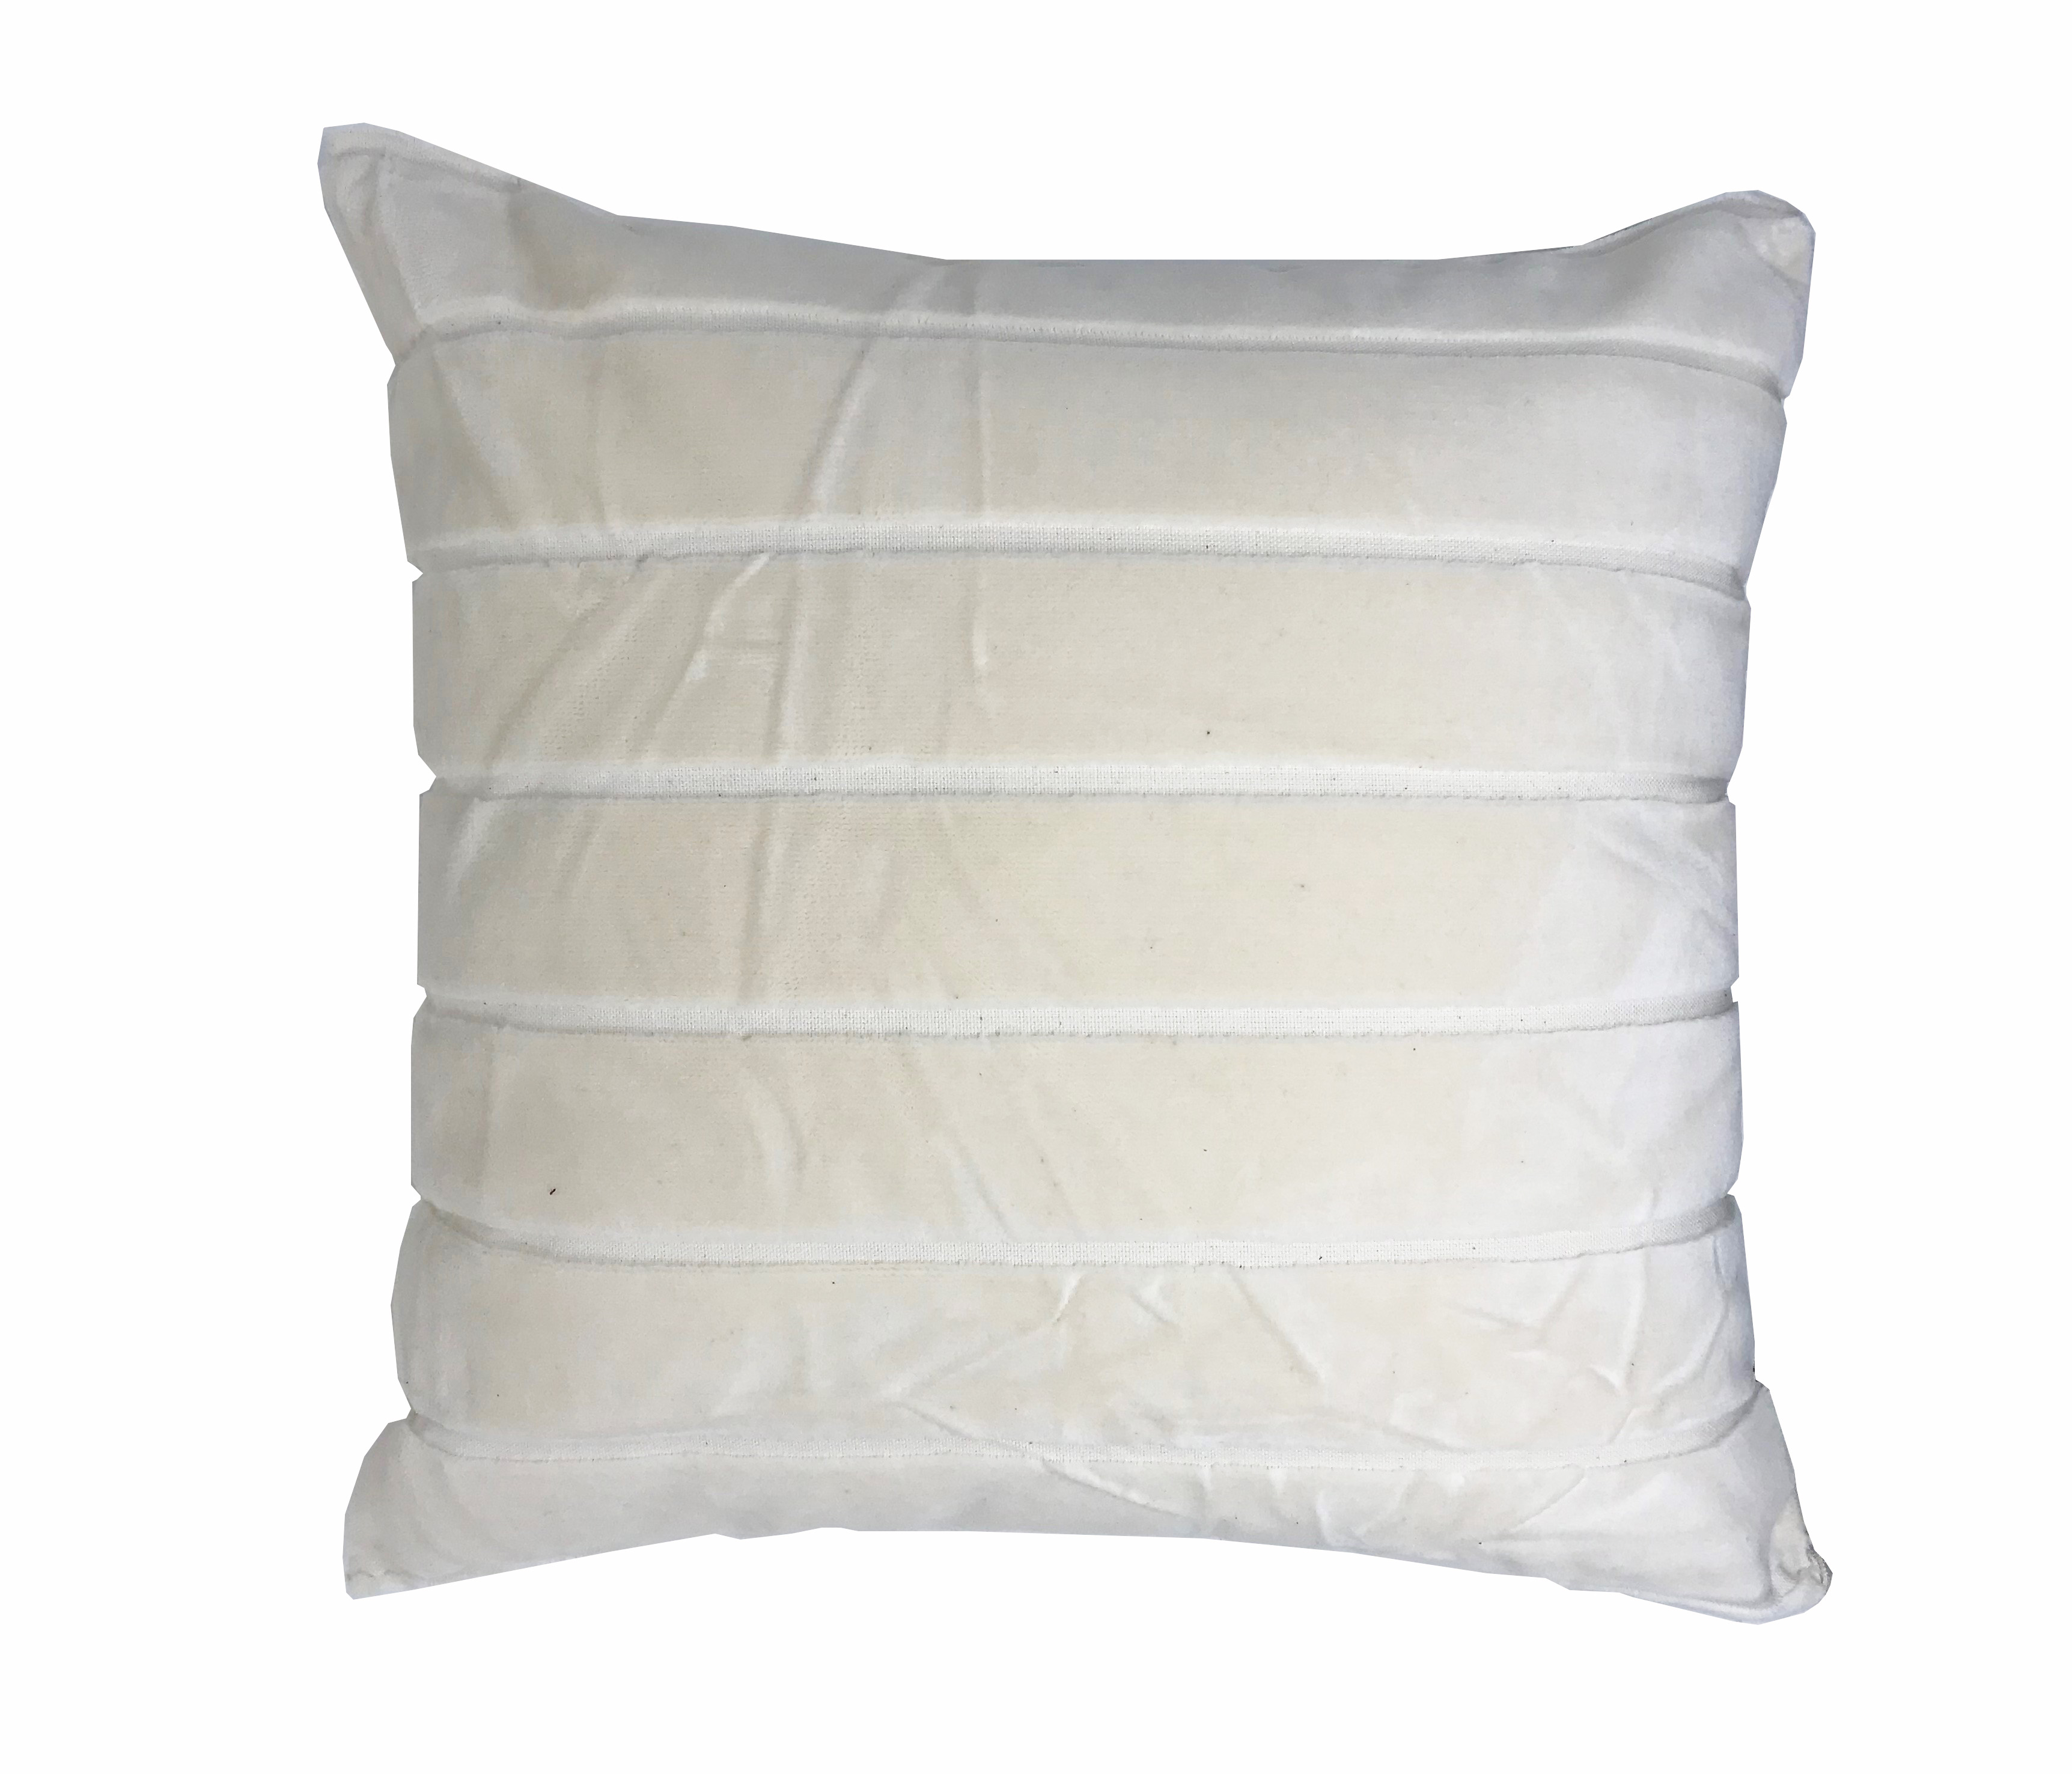 Striped Velvet 45cm x 45cm Cushion Cover Only